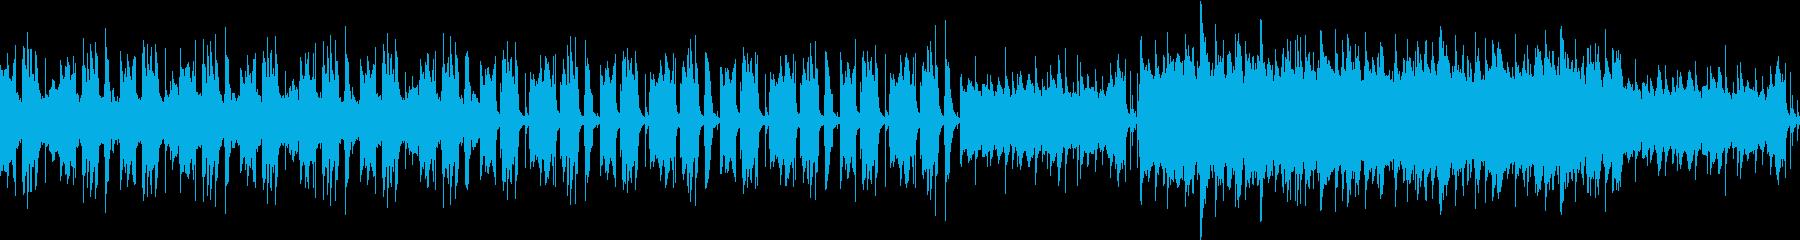 ポップバラード①優しさ/ビート【ループ】の再生済みの波形